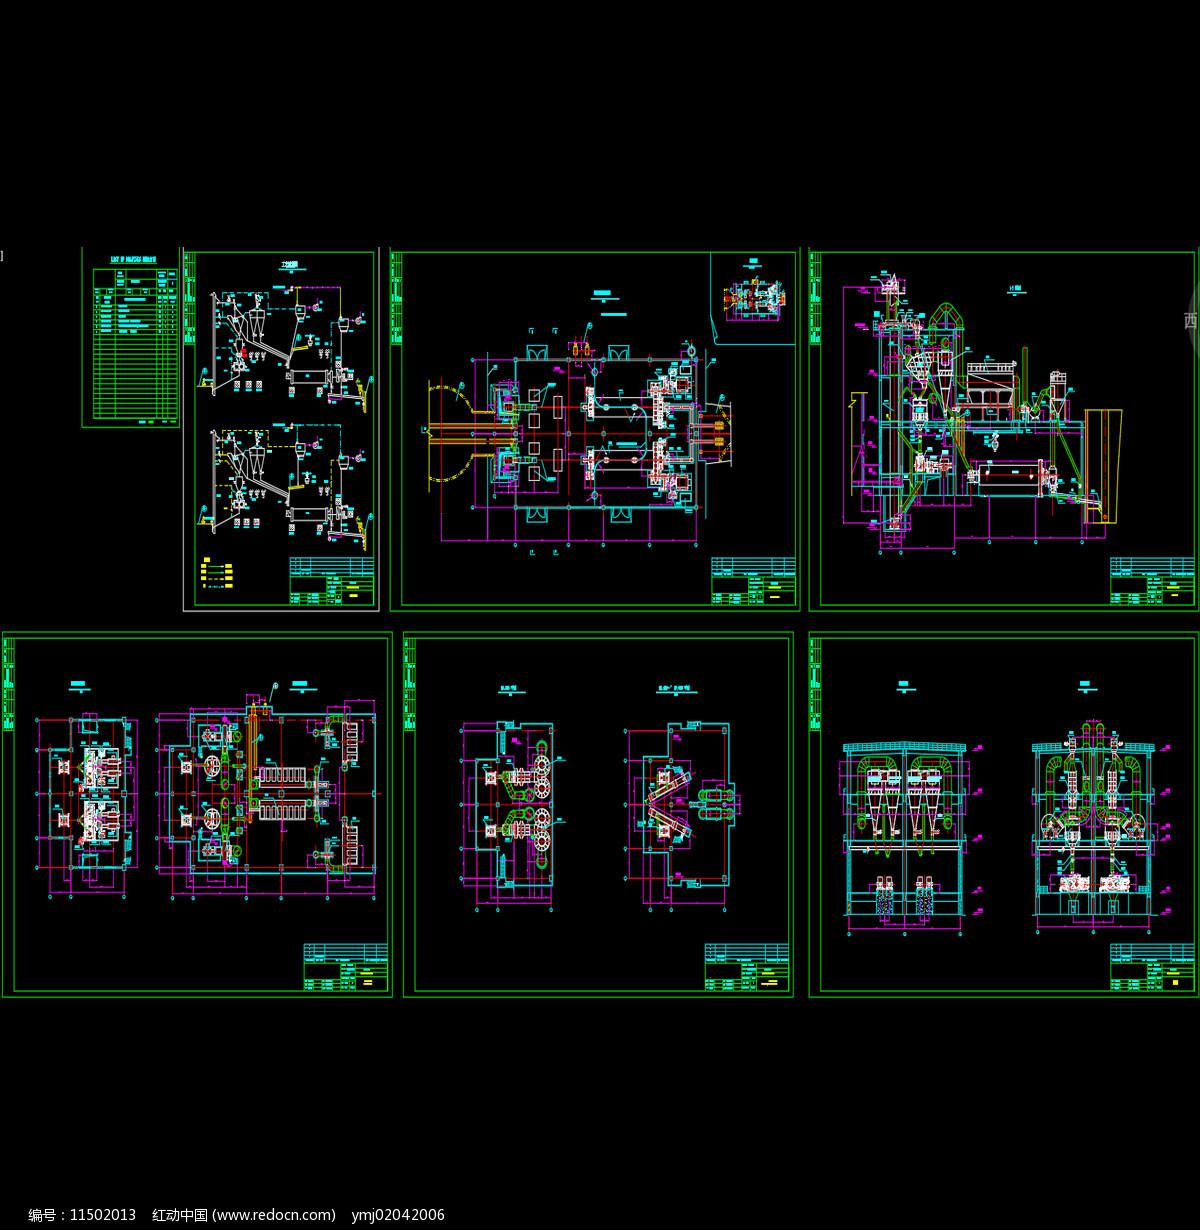 水泥粉磨站全套布置图CAD机械图纸图片